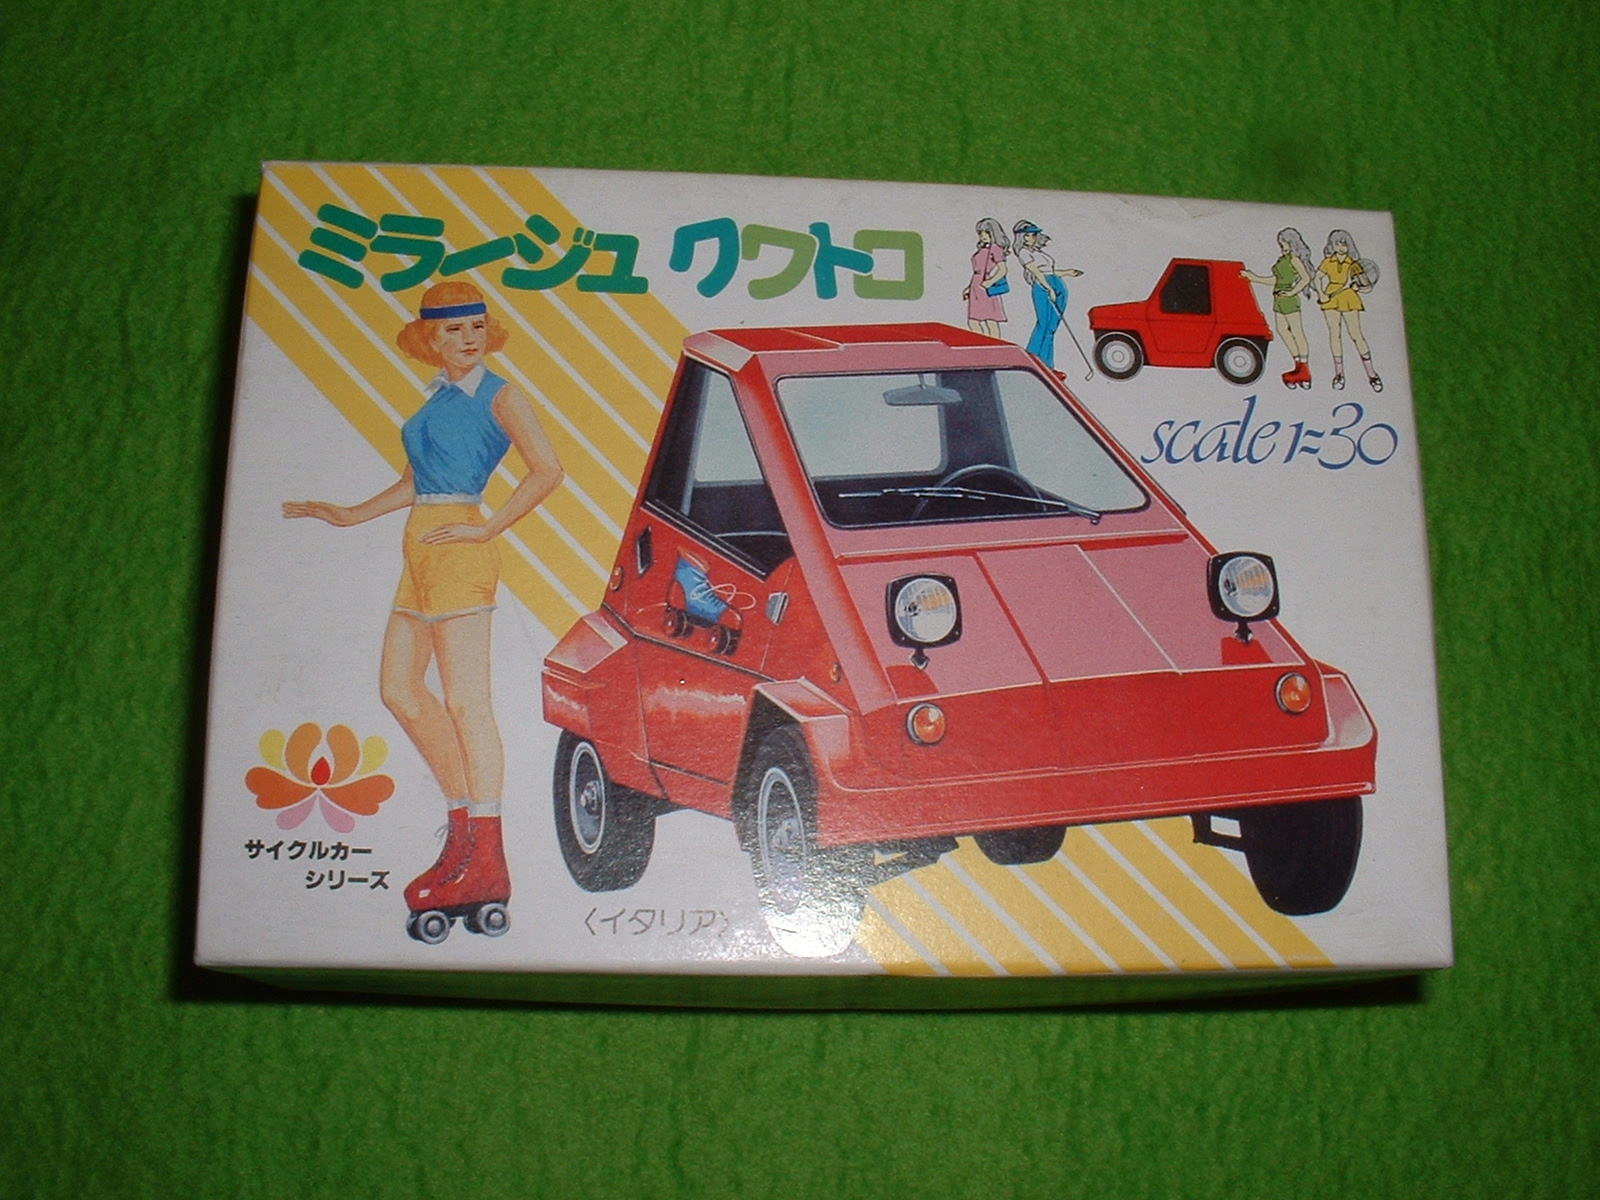 河合商会 サイクルカーNo2「ミラージュ クワトロ」 Doburoku-TAO.JPG